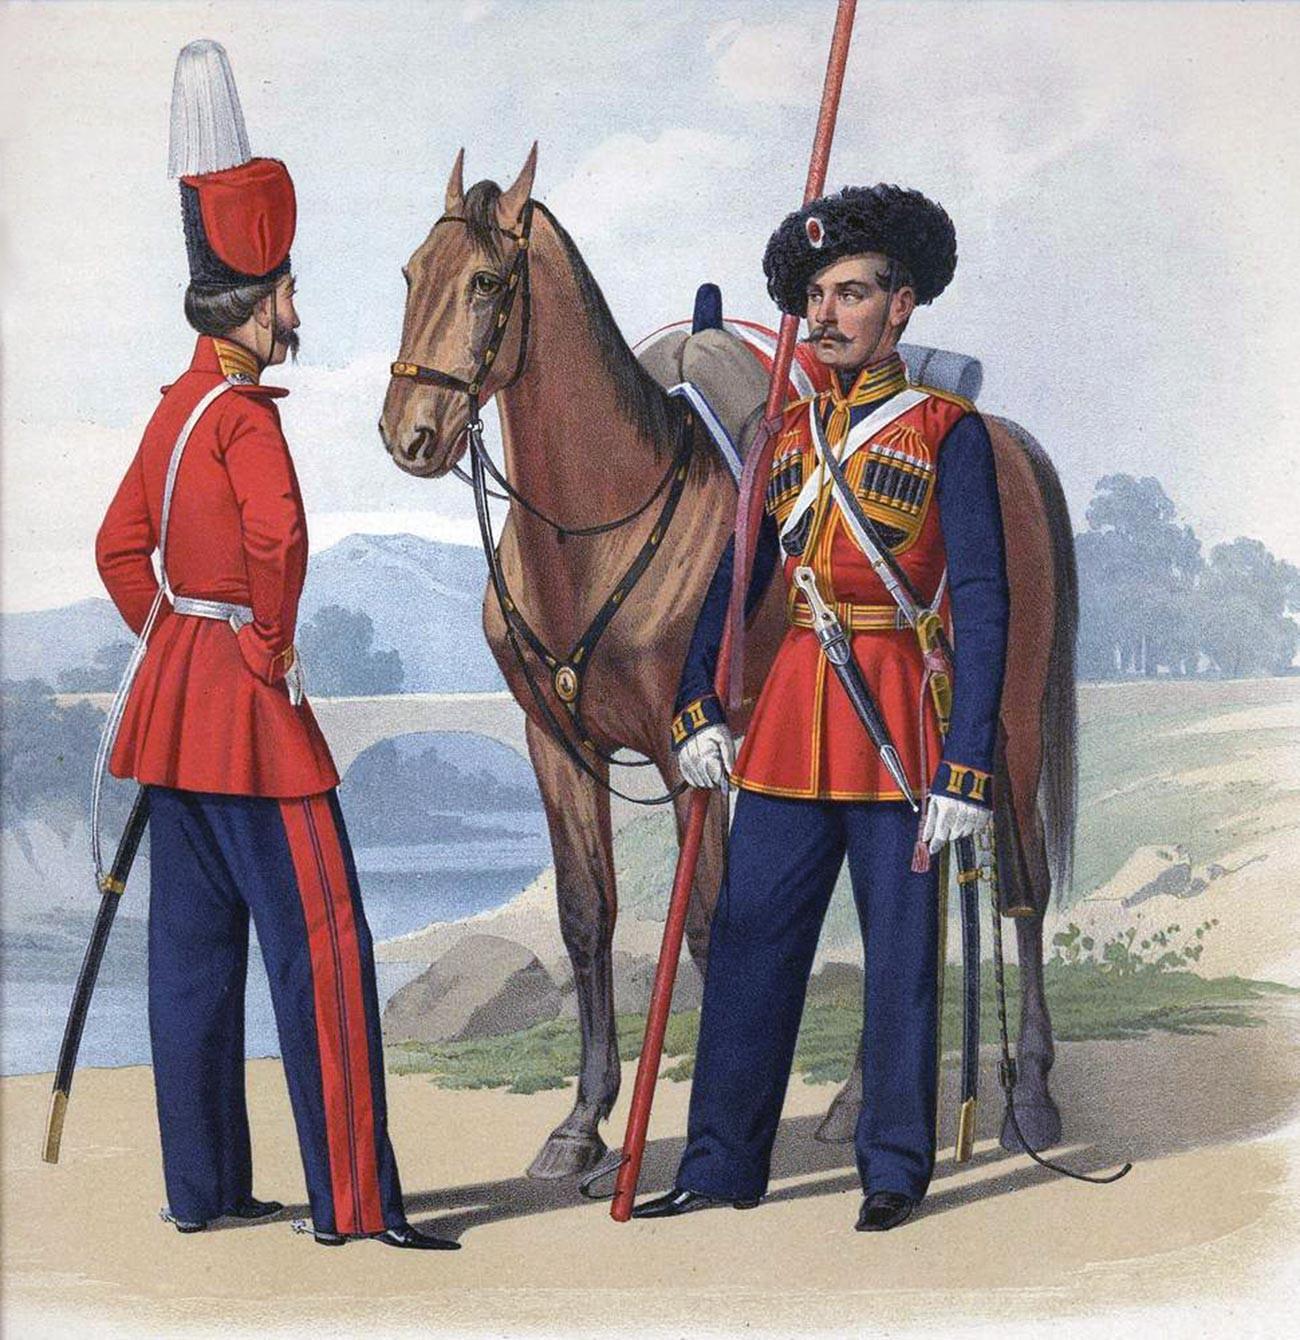 Soldaten des Kosaken-Regiments und der Schwarzmeer-Kosaken-Division.